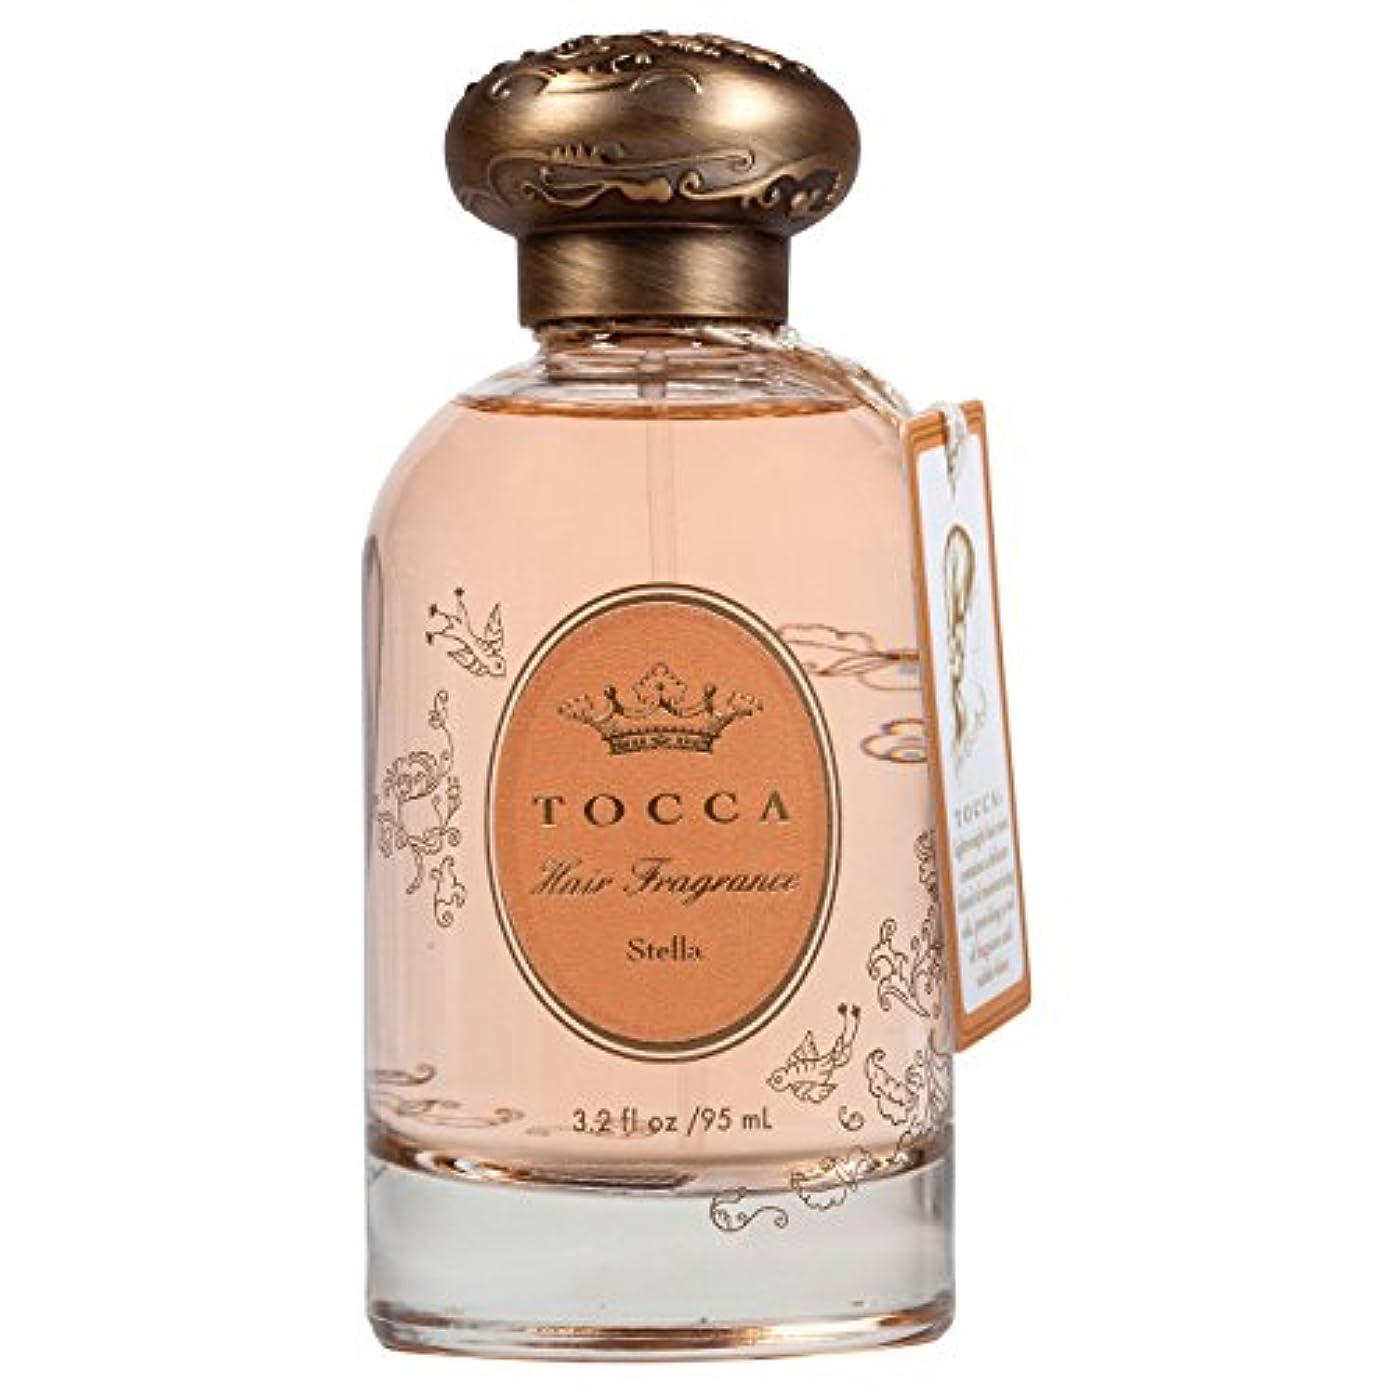 クレーターずるい名前トッカ(TOCCA) ヘアフレグランスミスト ステラの香り 95ml